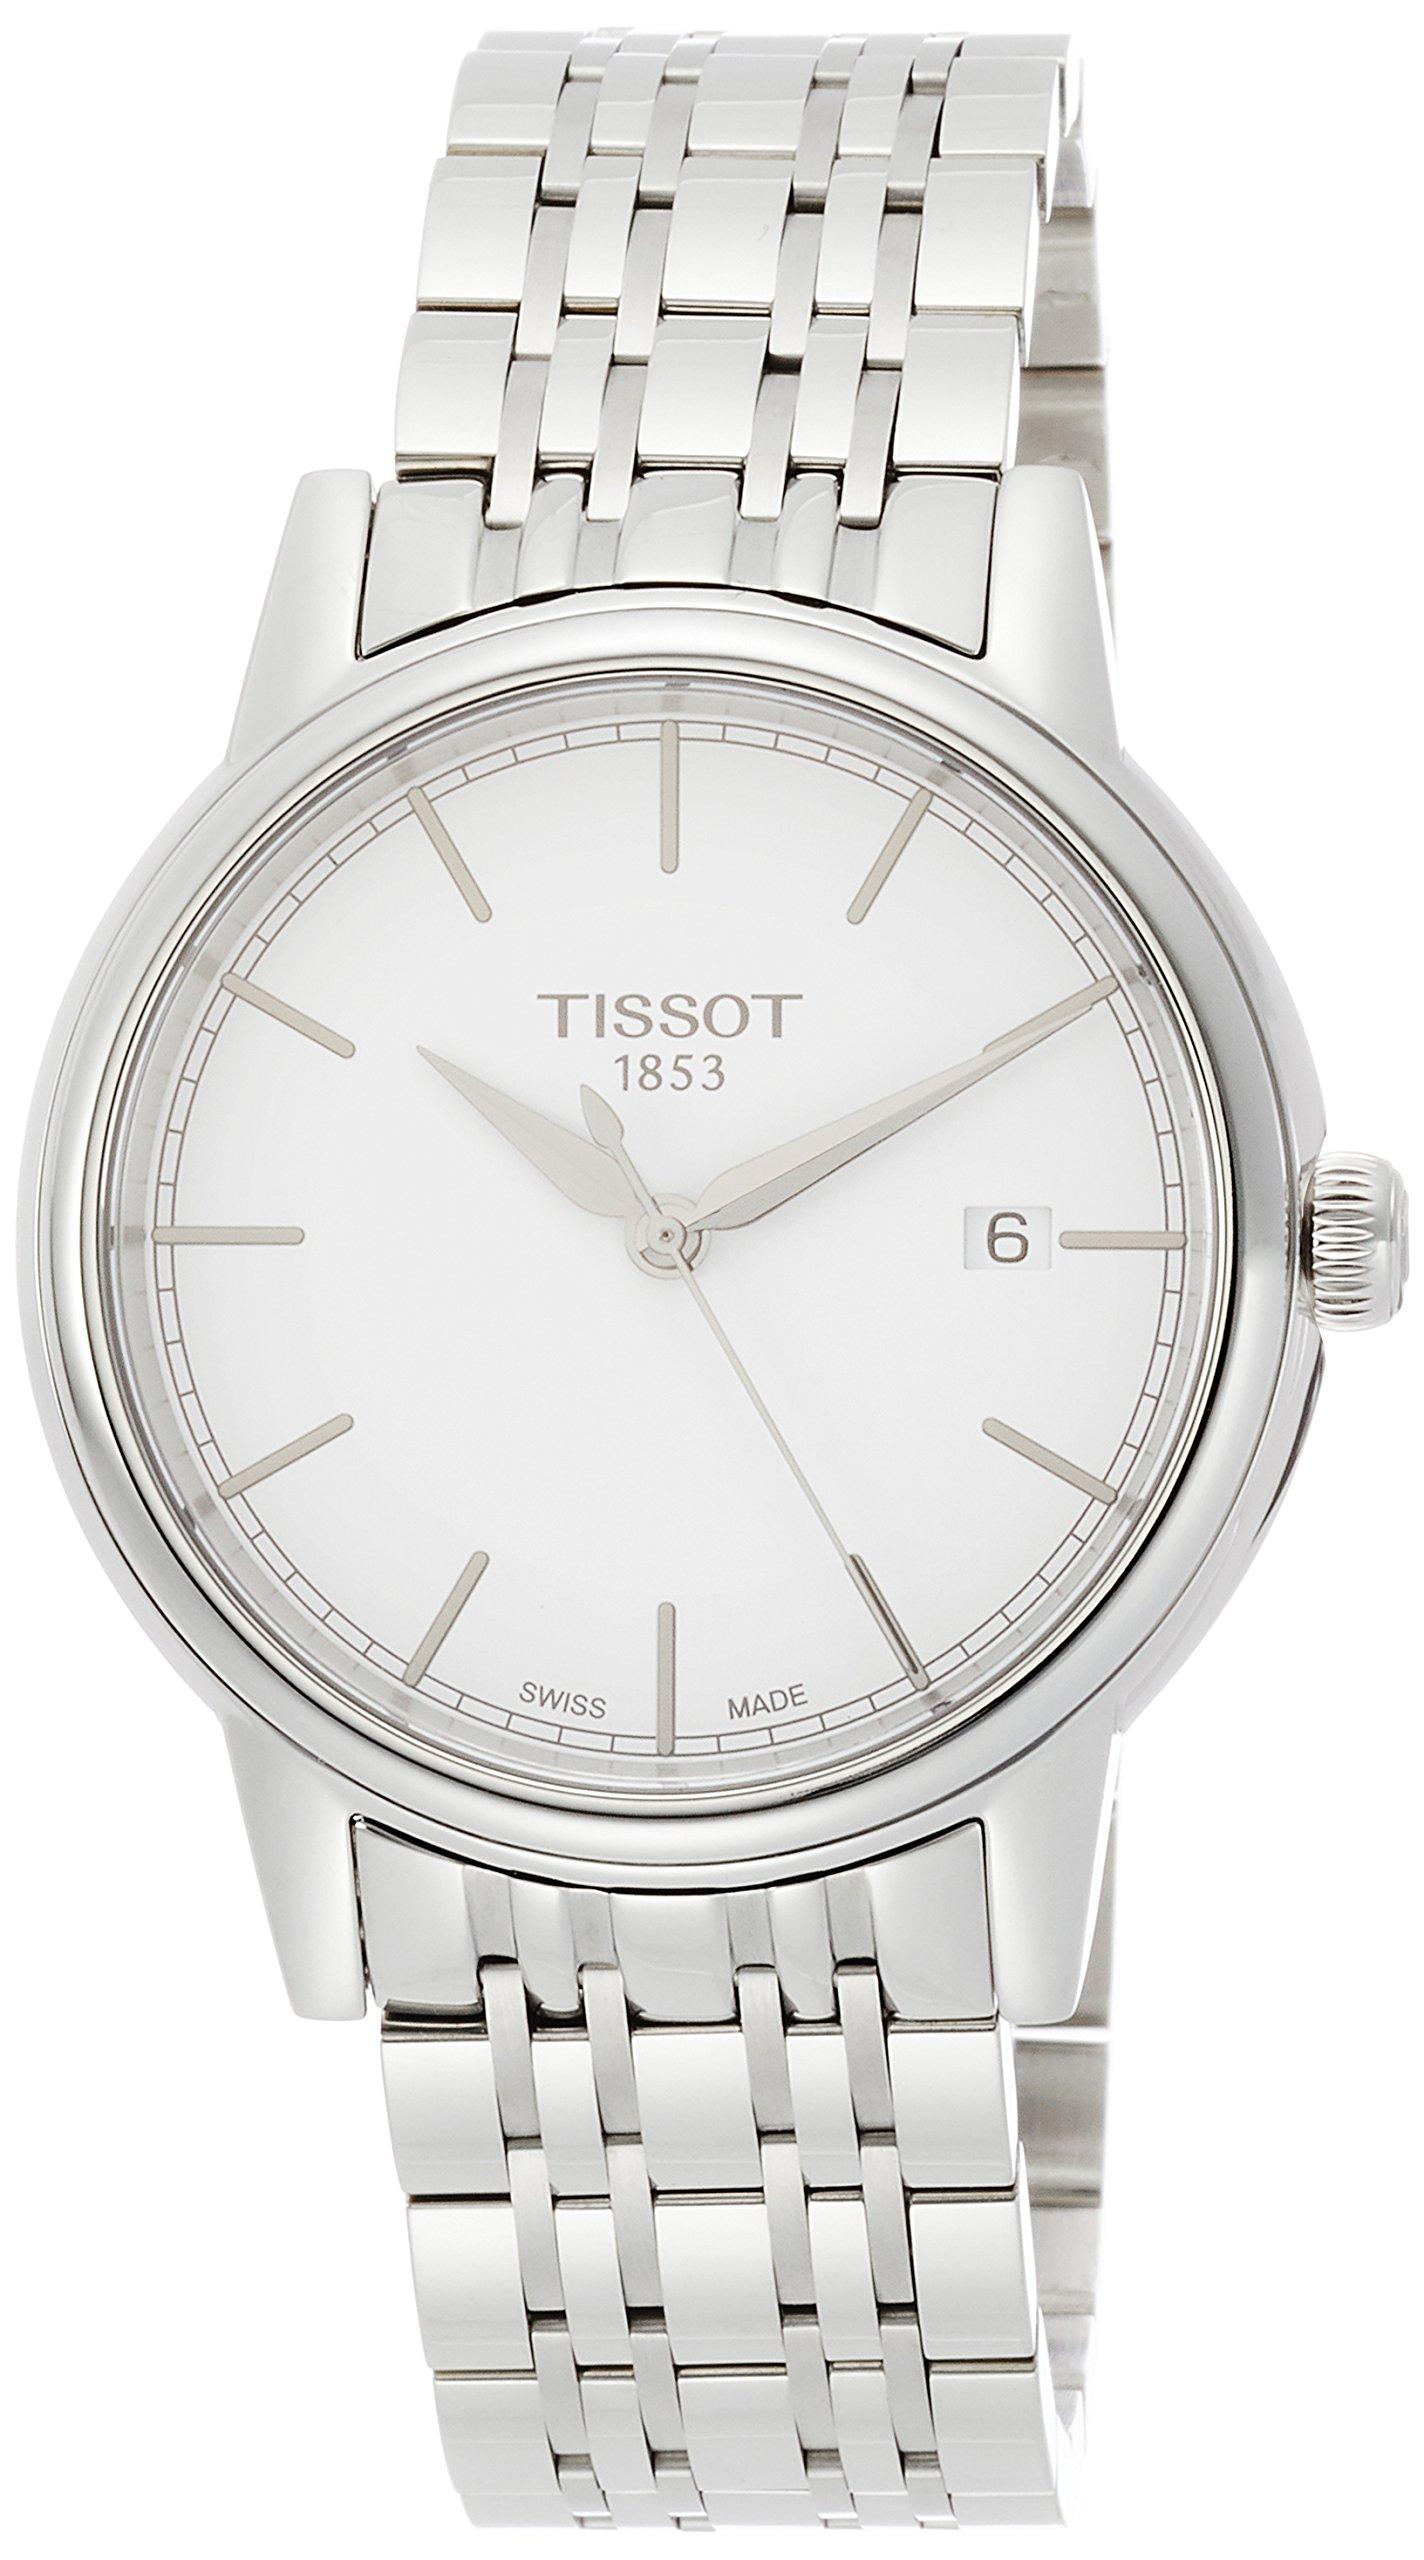 Tissot Reloj de cuarzo T085.410.11.011.00 40 mm